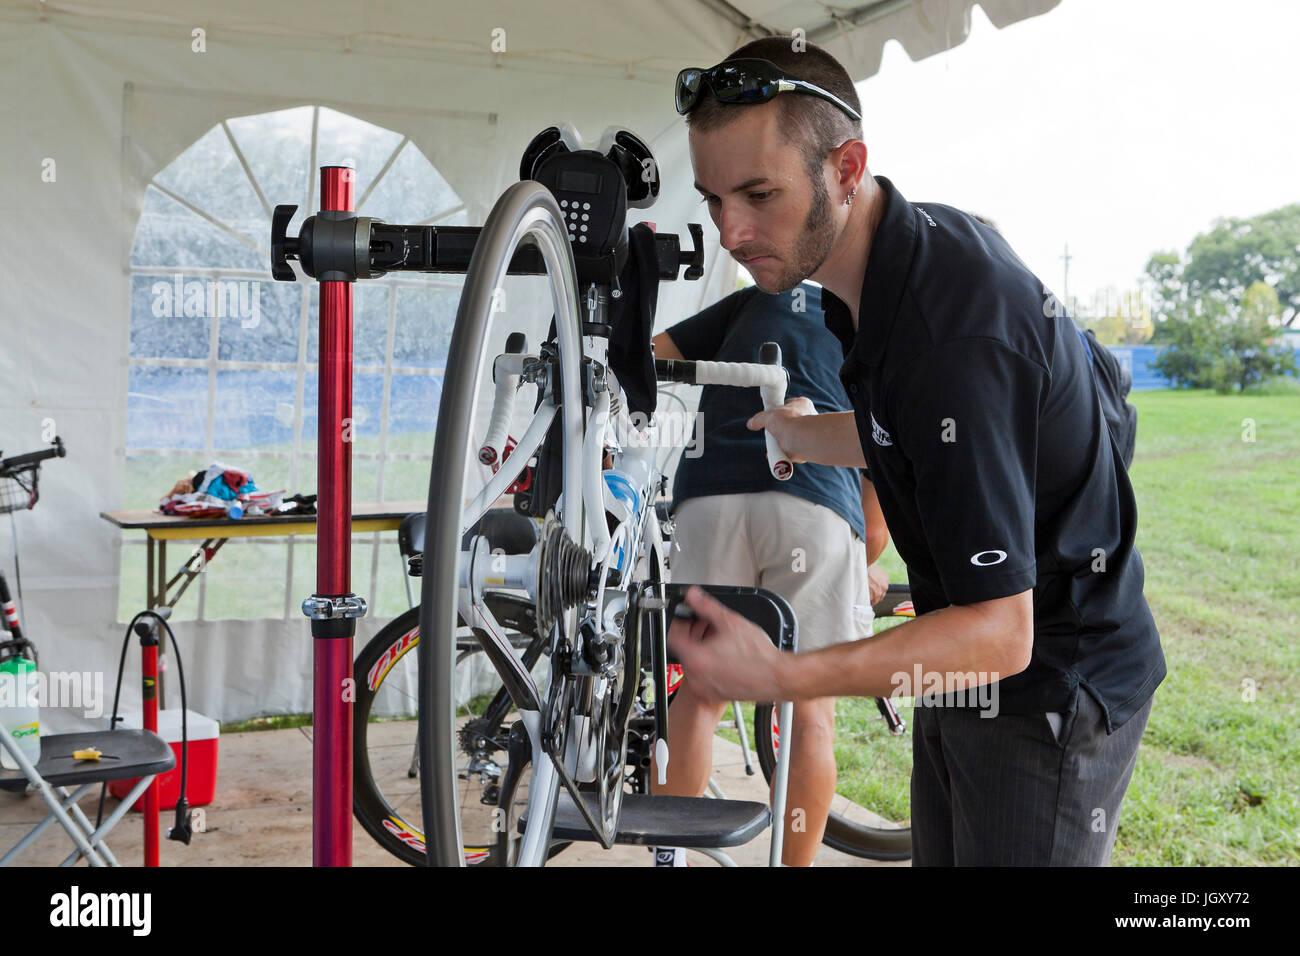 Bicycle mechanic fixing wheel with bicycle mounted on bike mount - USA - Stock Image